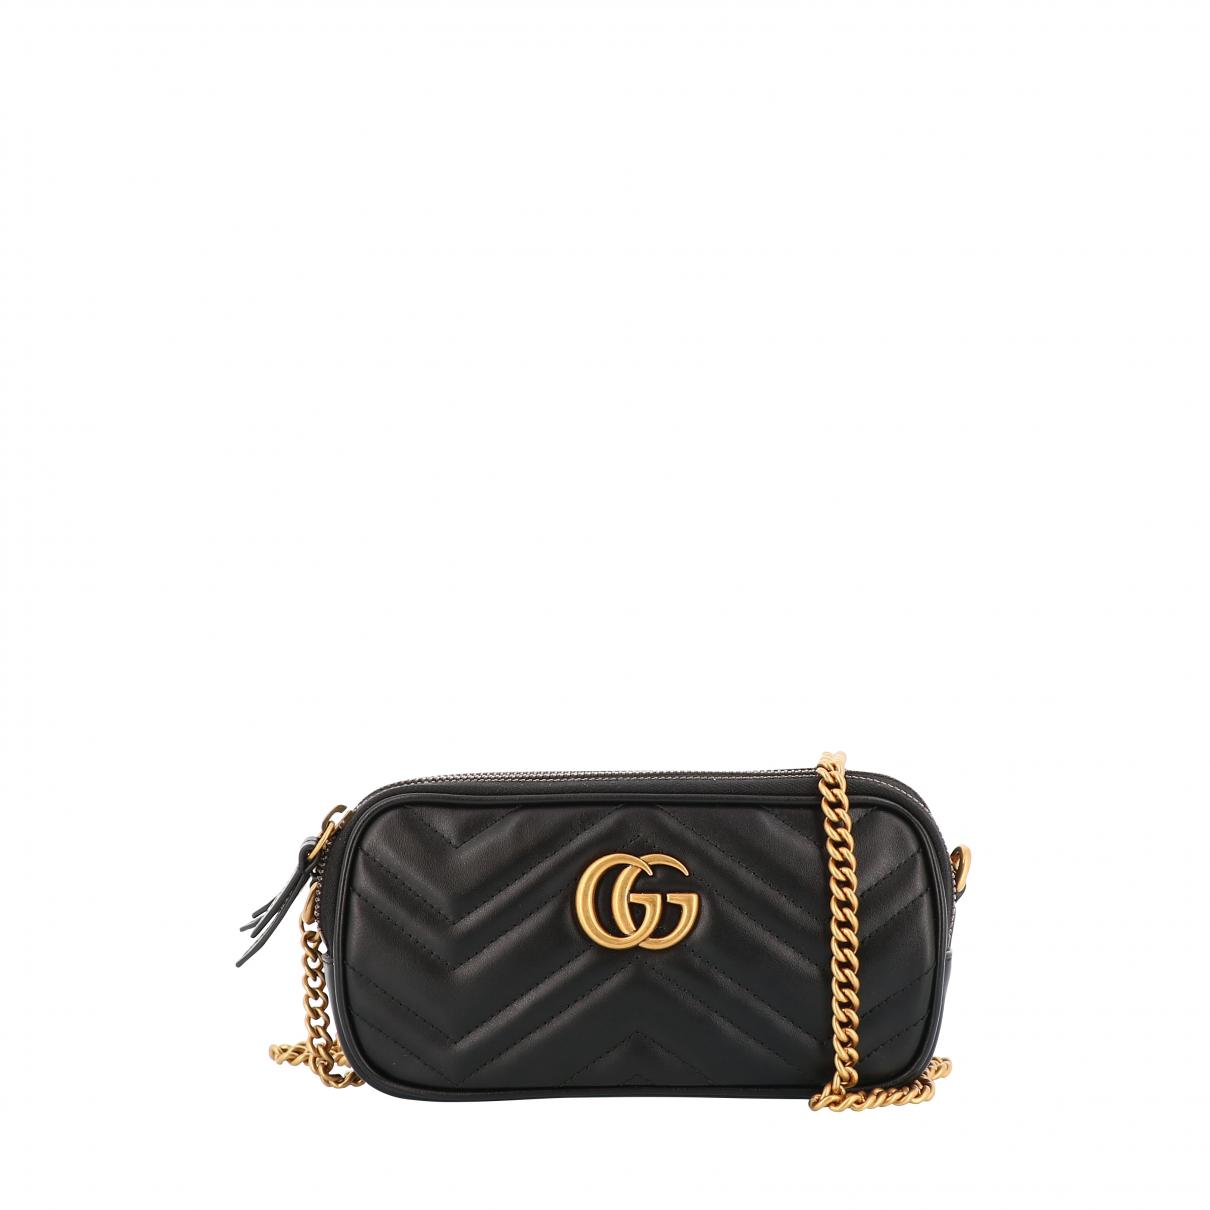 Gucci - Sac a main Marmont pour femme en veau facon poulain - noir